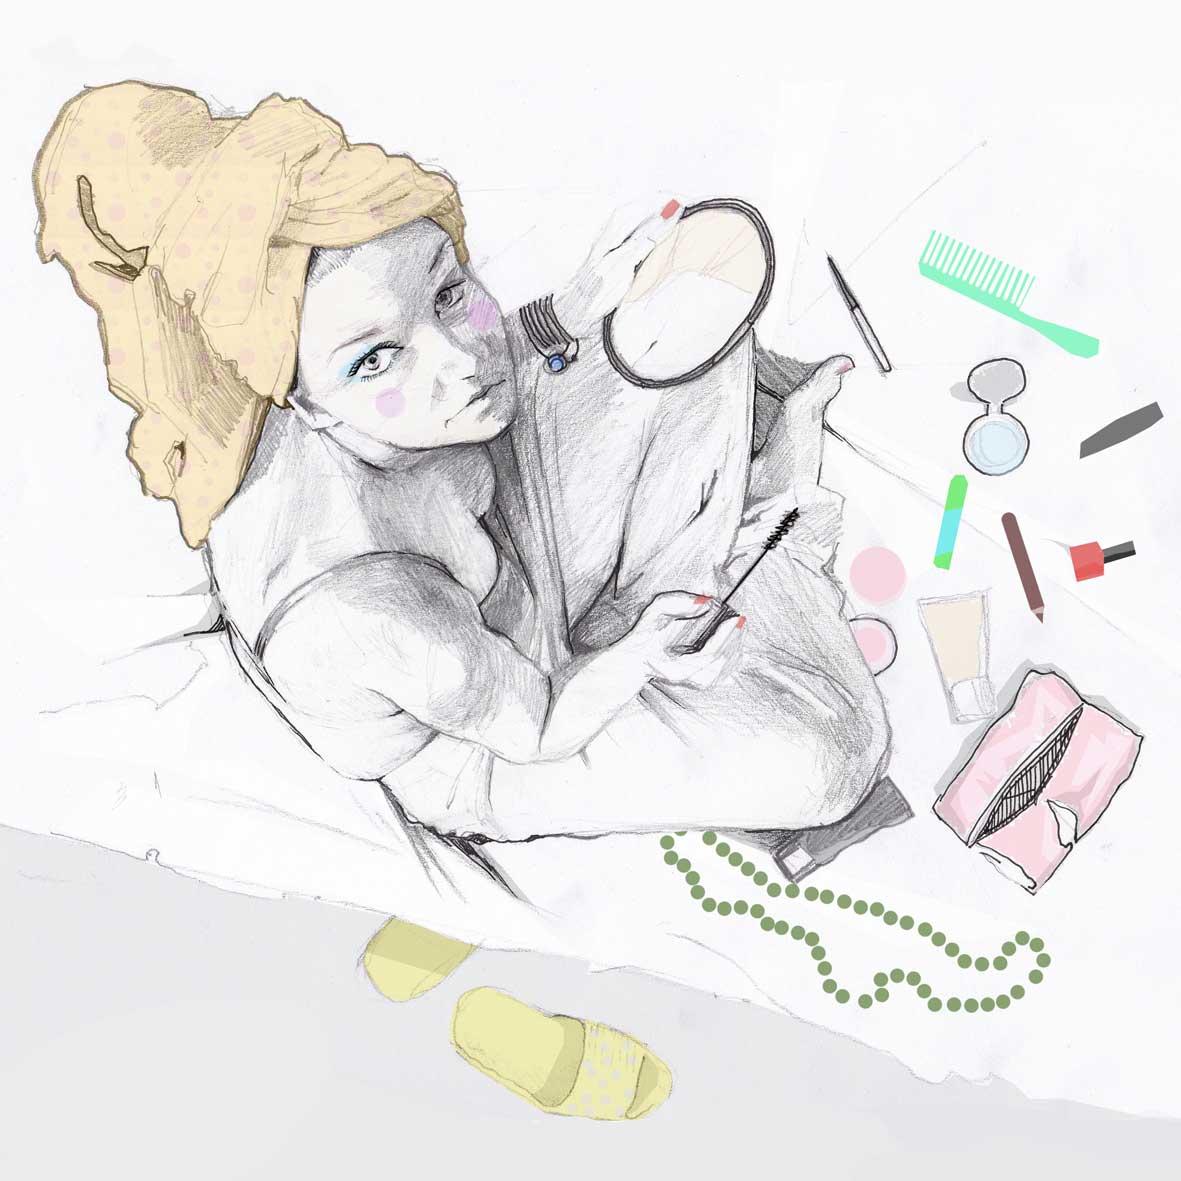 ilustracje illustration woman girl make make up kobieta kobiece Urbaniak portrety ilustracja na blogi strony internetowe do artykułów wierszy opowiadań